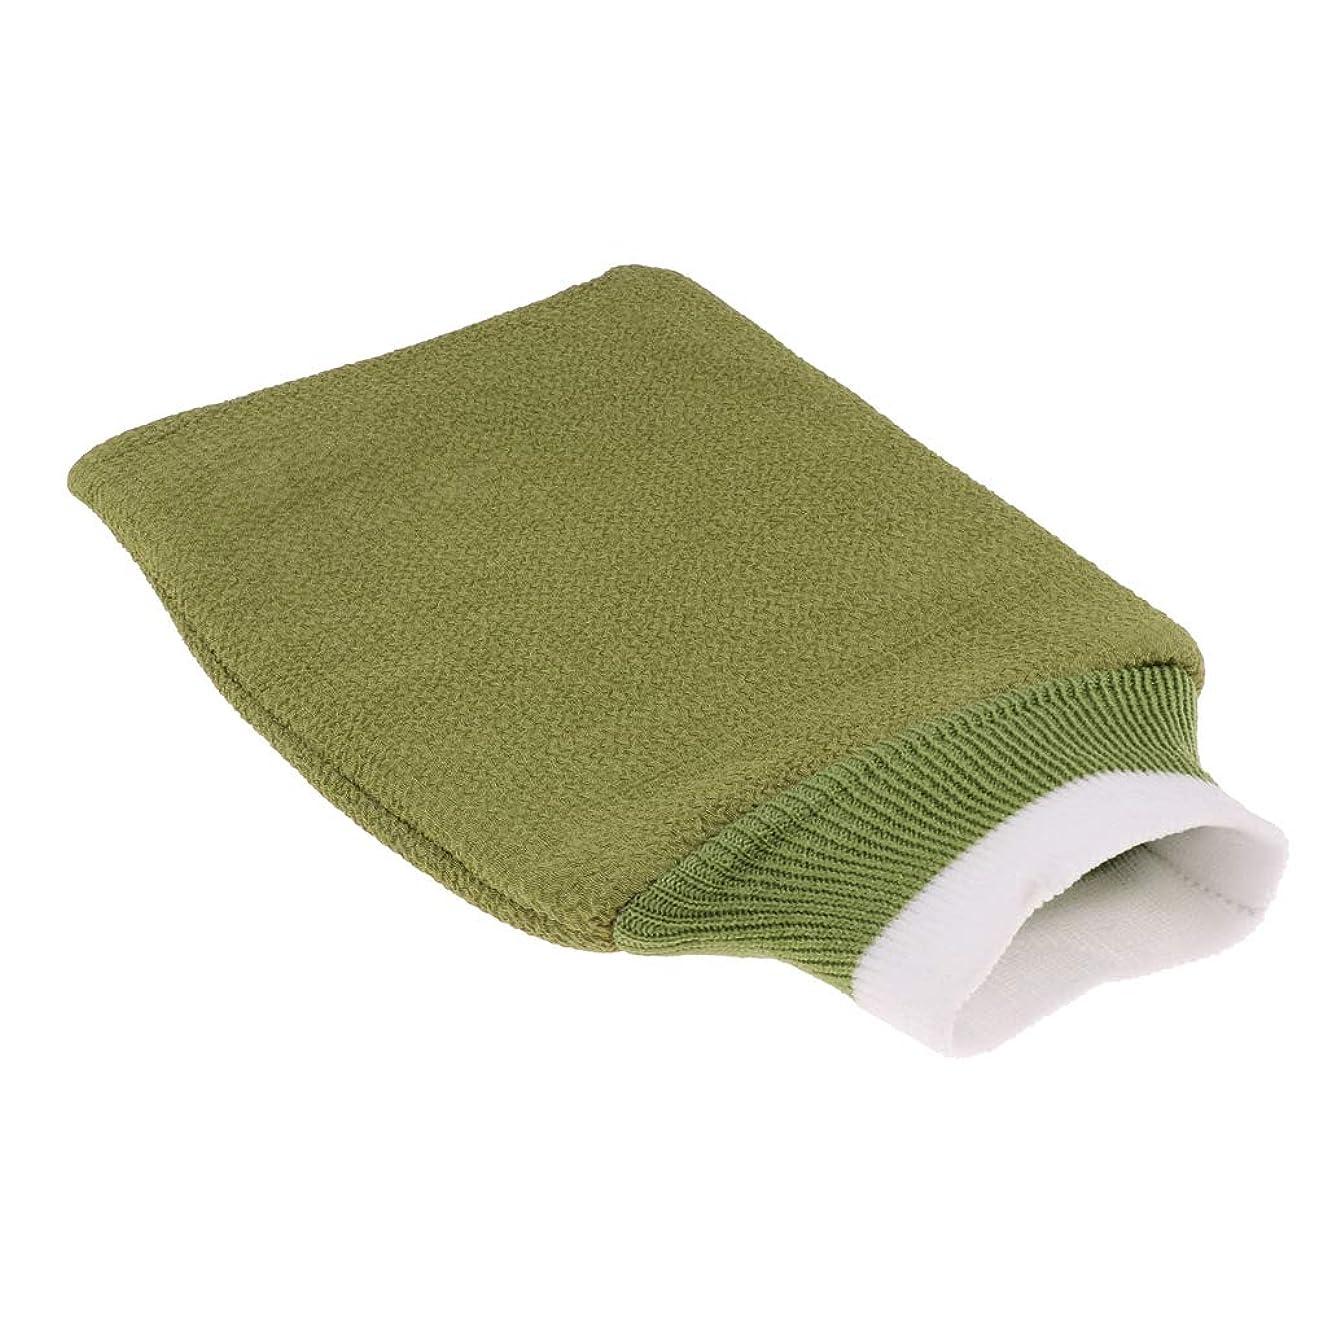 現象候補者なしでgazechimp バスグローブ 浴用手袋 シャワー用 バスミット 垢すり手袋 毛穴清潔 角質除去 男女兼用 全3色 - 緑